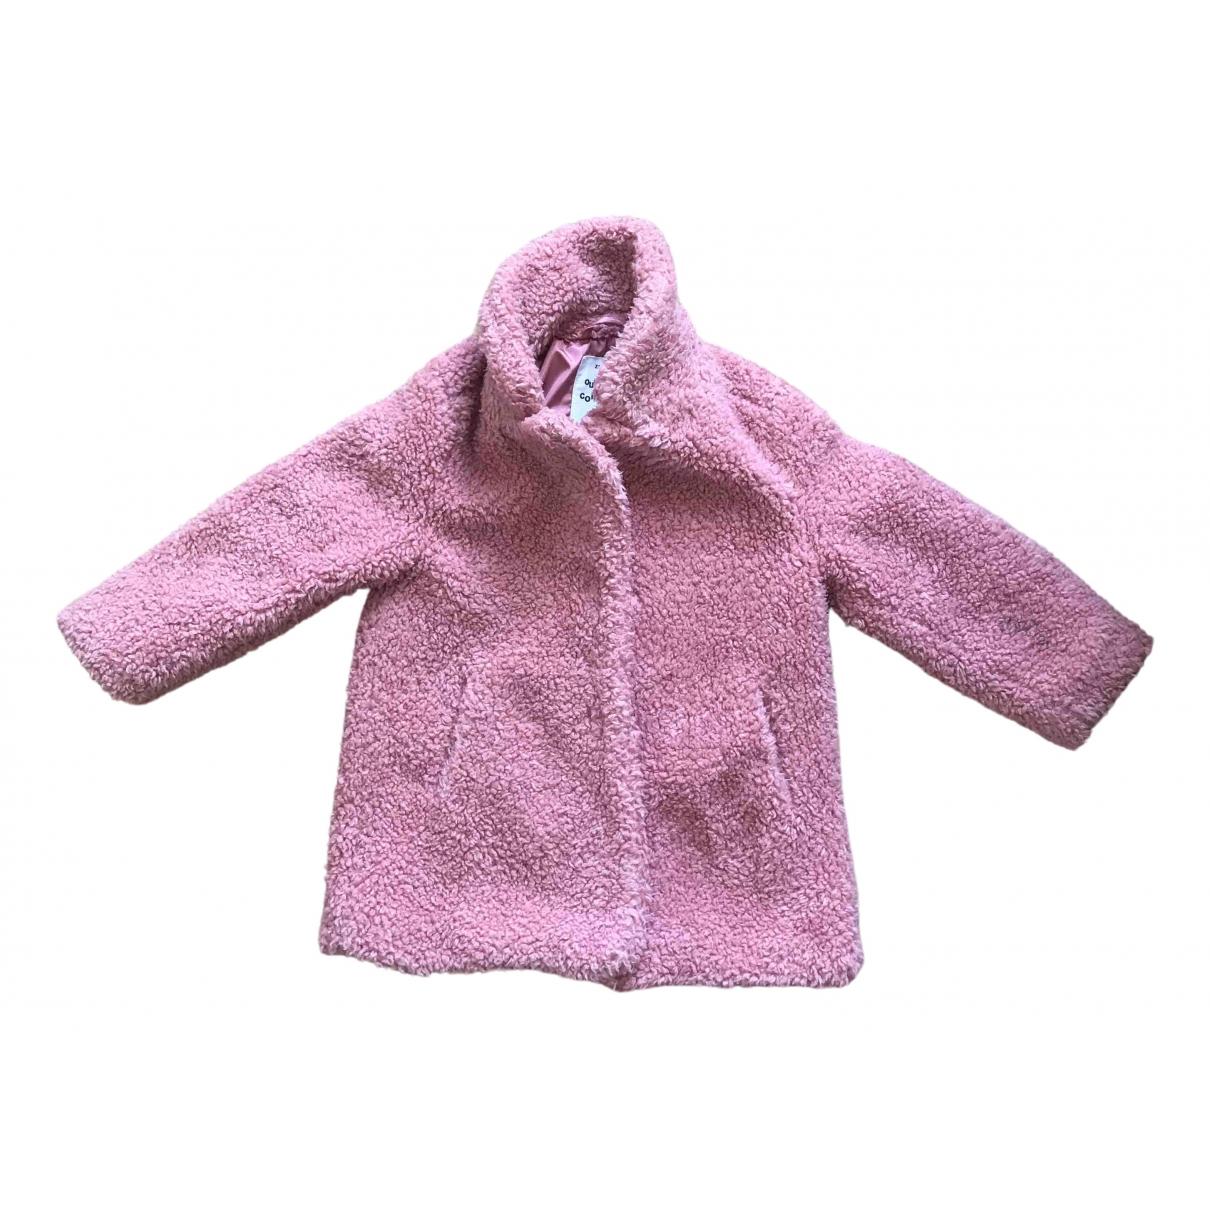 Zara - Blousons.Manteaux   pour enfant - rose